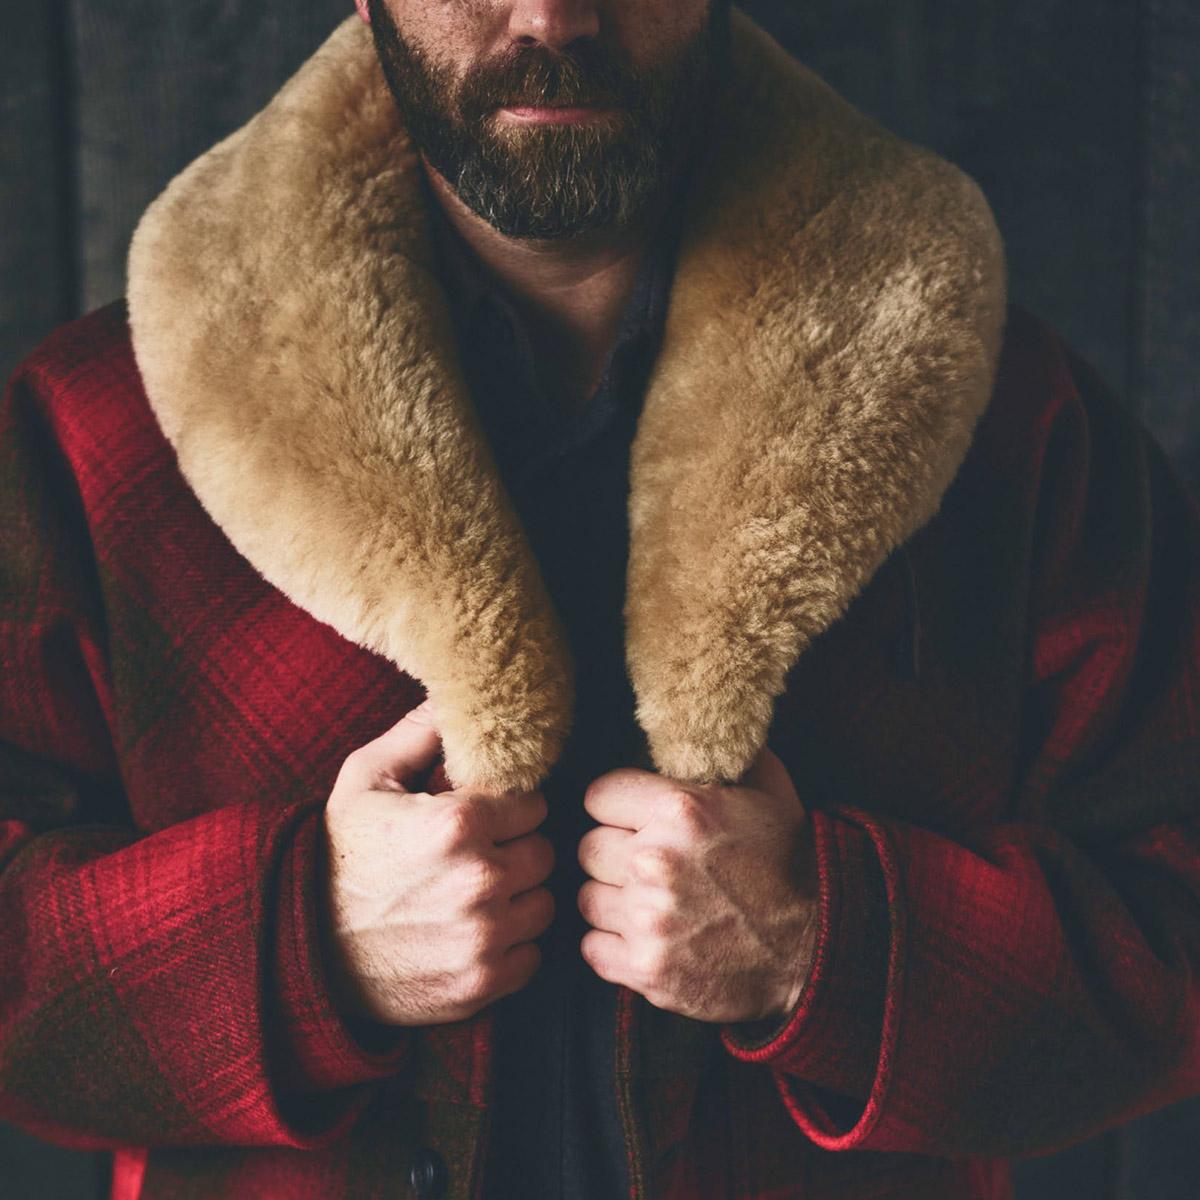 Filson Lined Wool Packer Coat Red/Green/Dark Brown, für Komfort, natürliche wasserabweisende Eigenschaften und isolierende Wärme bei jedem Wetter